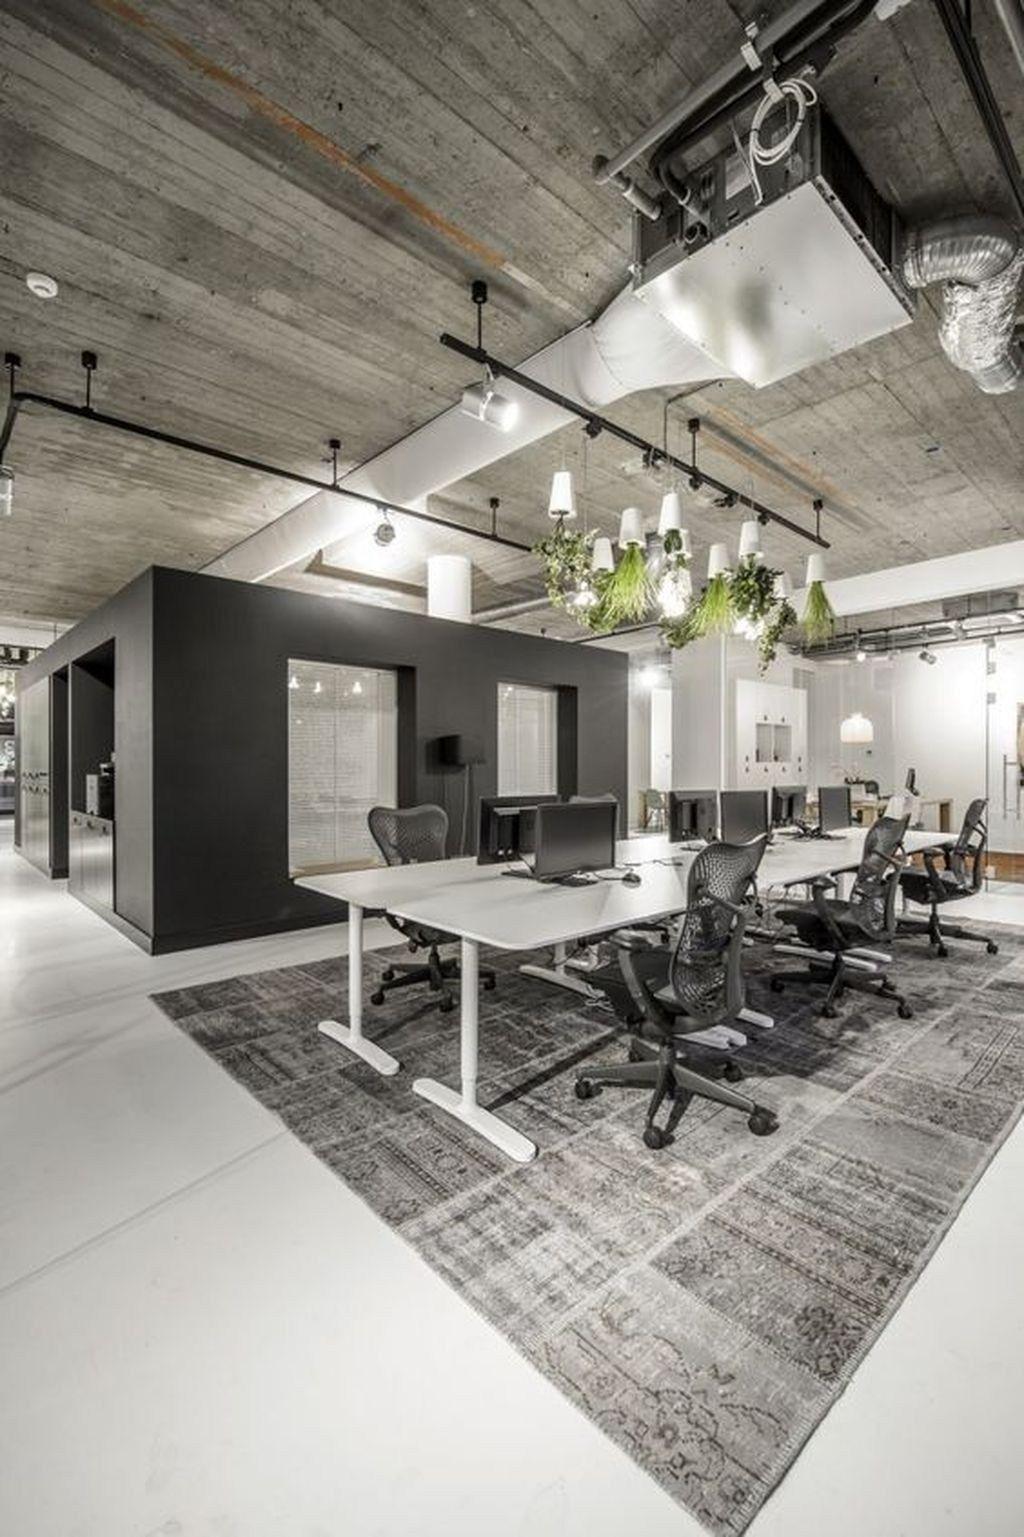 36 The Best Modern Office Design Ideas Modern Office Decor